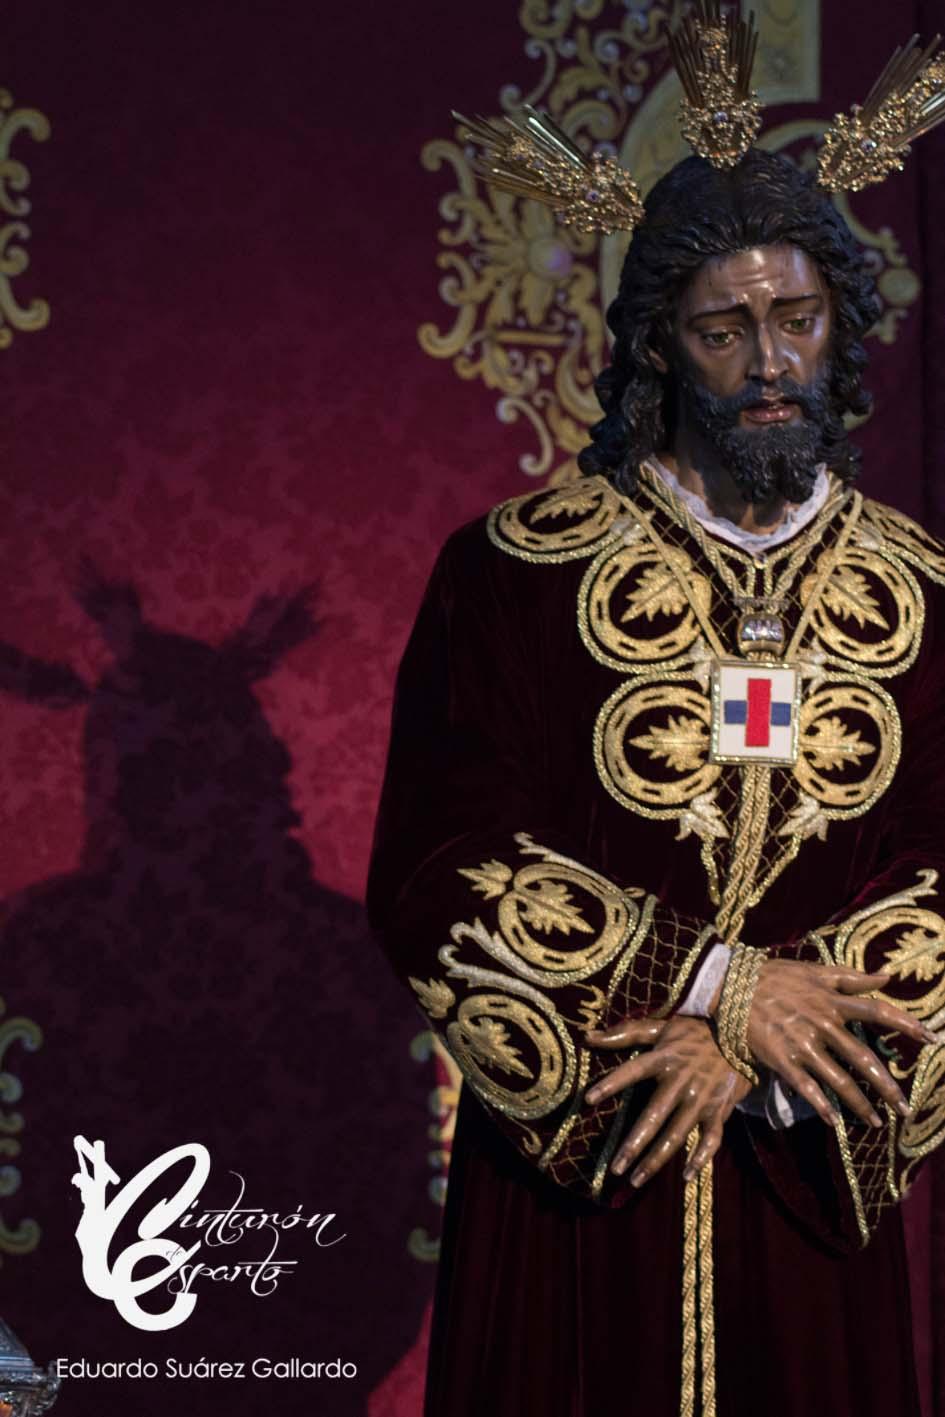 Nuevo Hermano Mayor En La Hermandad De San Pablo Cinturon De Esparto